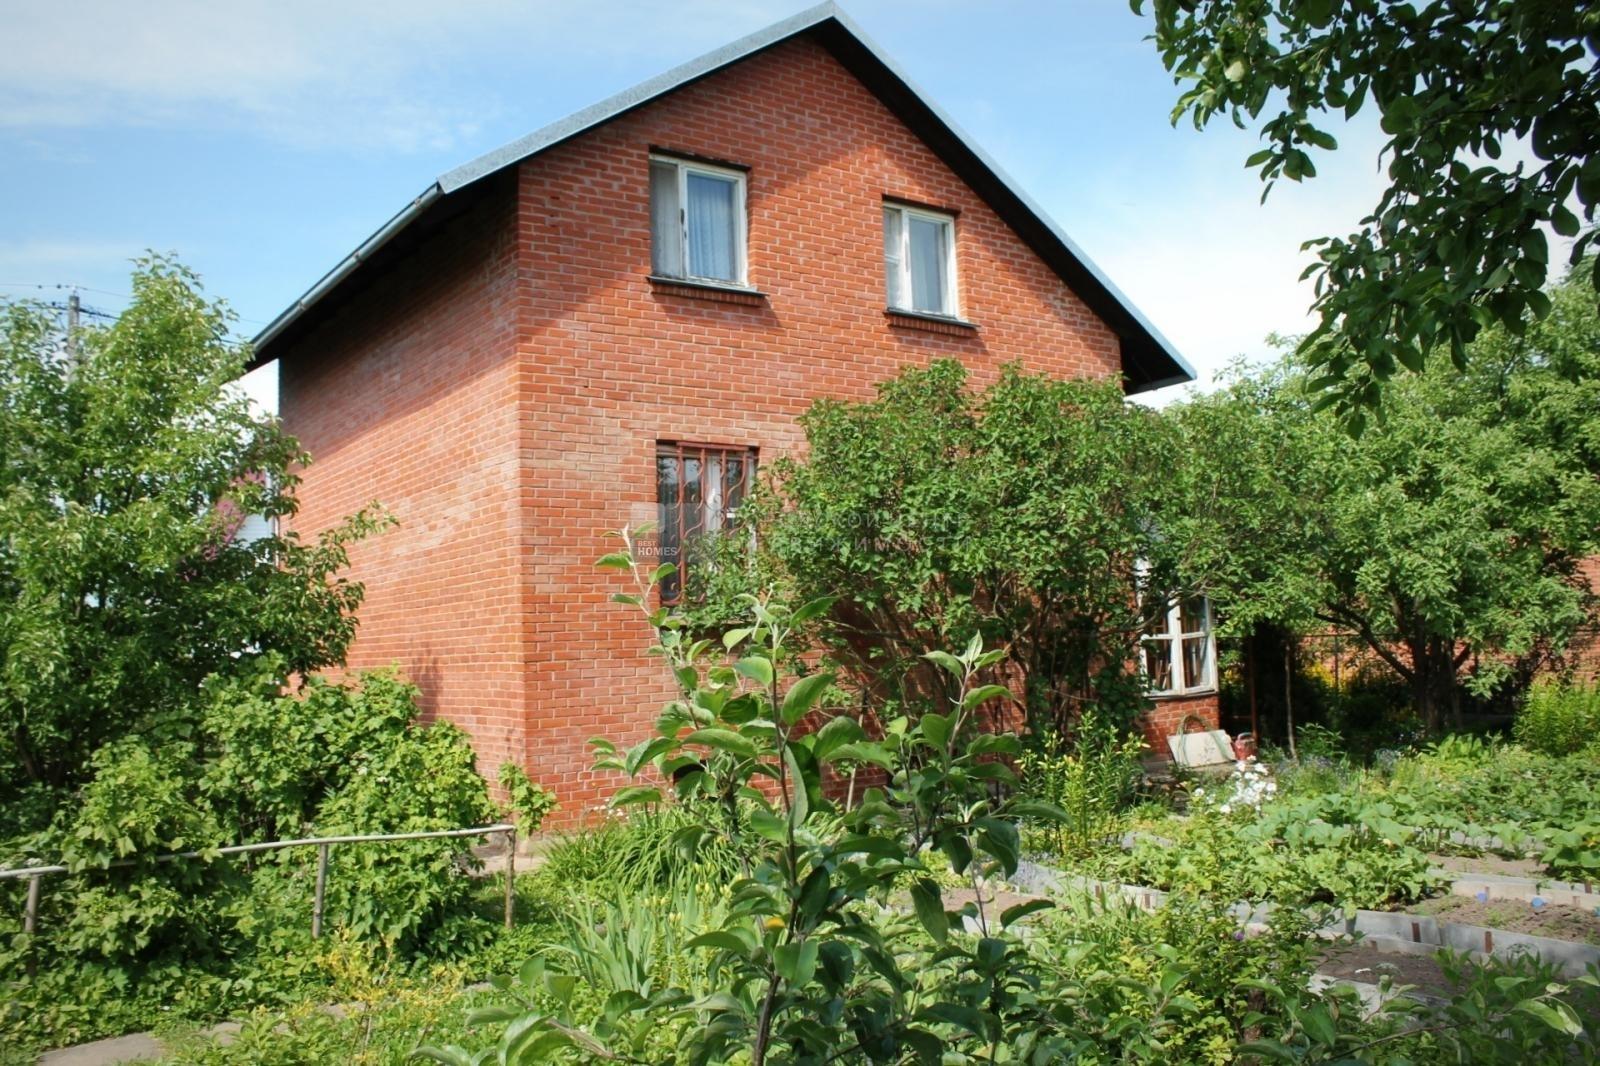 Стоимость 225 000p сотка, дачный поселок зеленоградский, пушкинский район, московская область, в 261 км от мкад